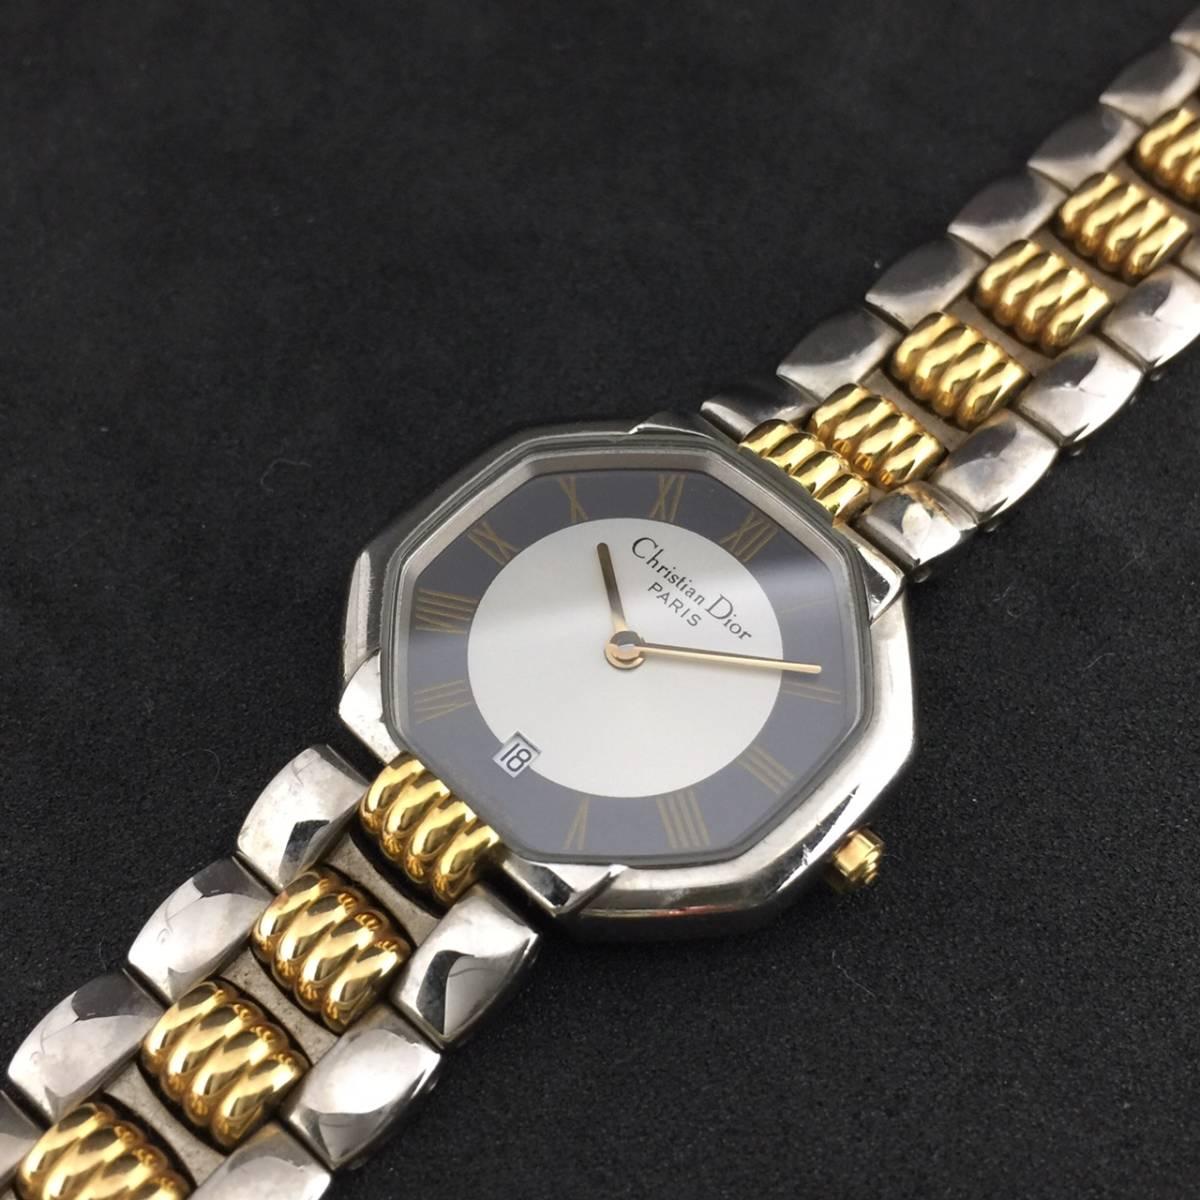 【1円~】Christian Dior クリスチャンディオール 腕時計 レディース D48-203 オクタゴン デイト コンビ 可動品_画像9